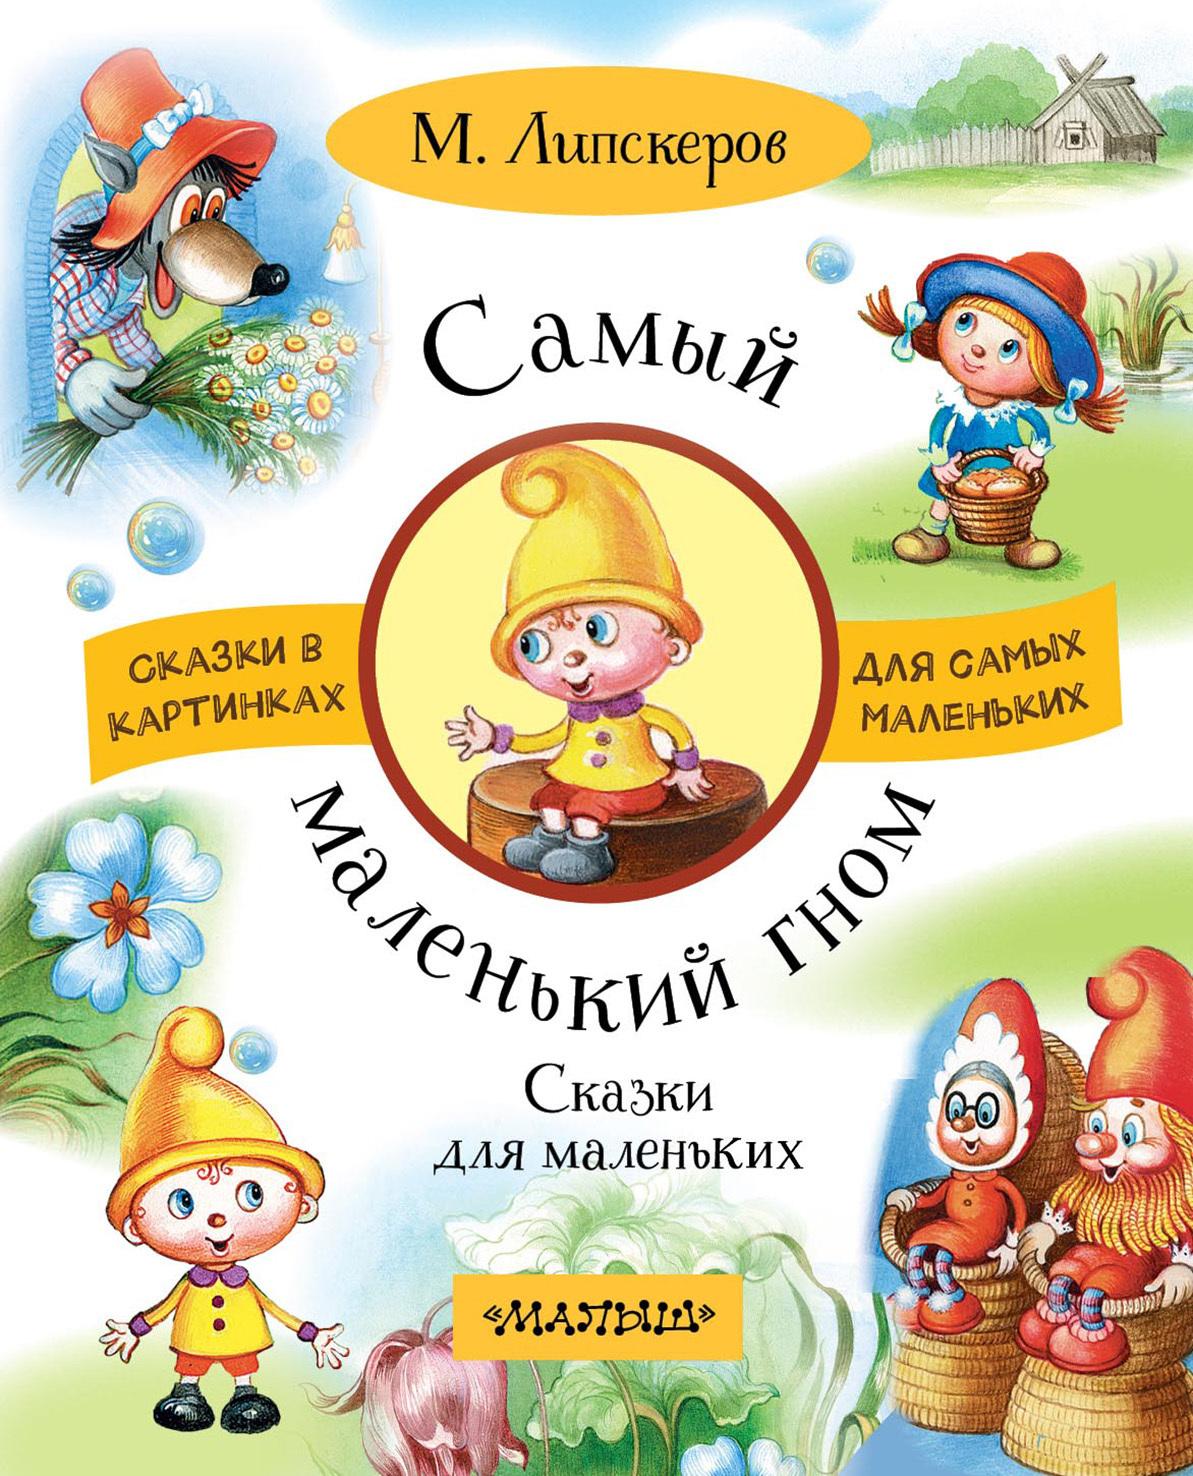 Михаил Липскеров - Самый маленький гном. Сказки для маленьких